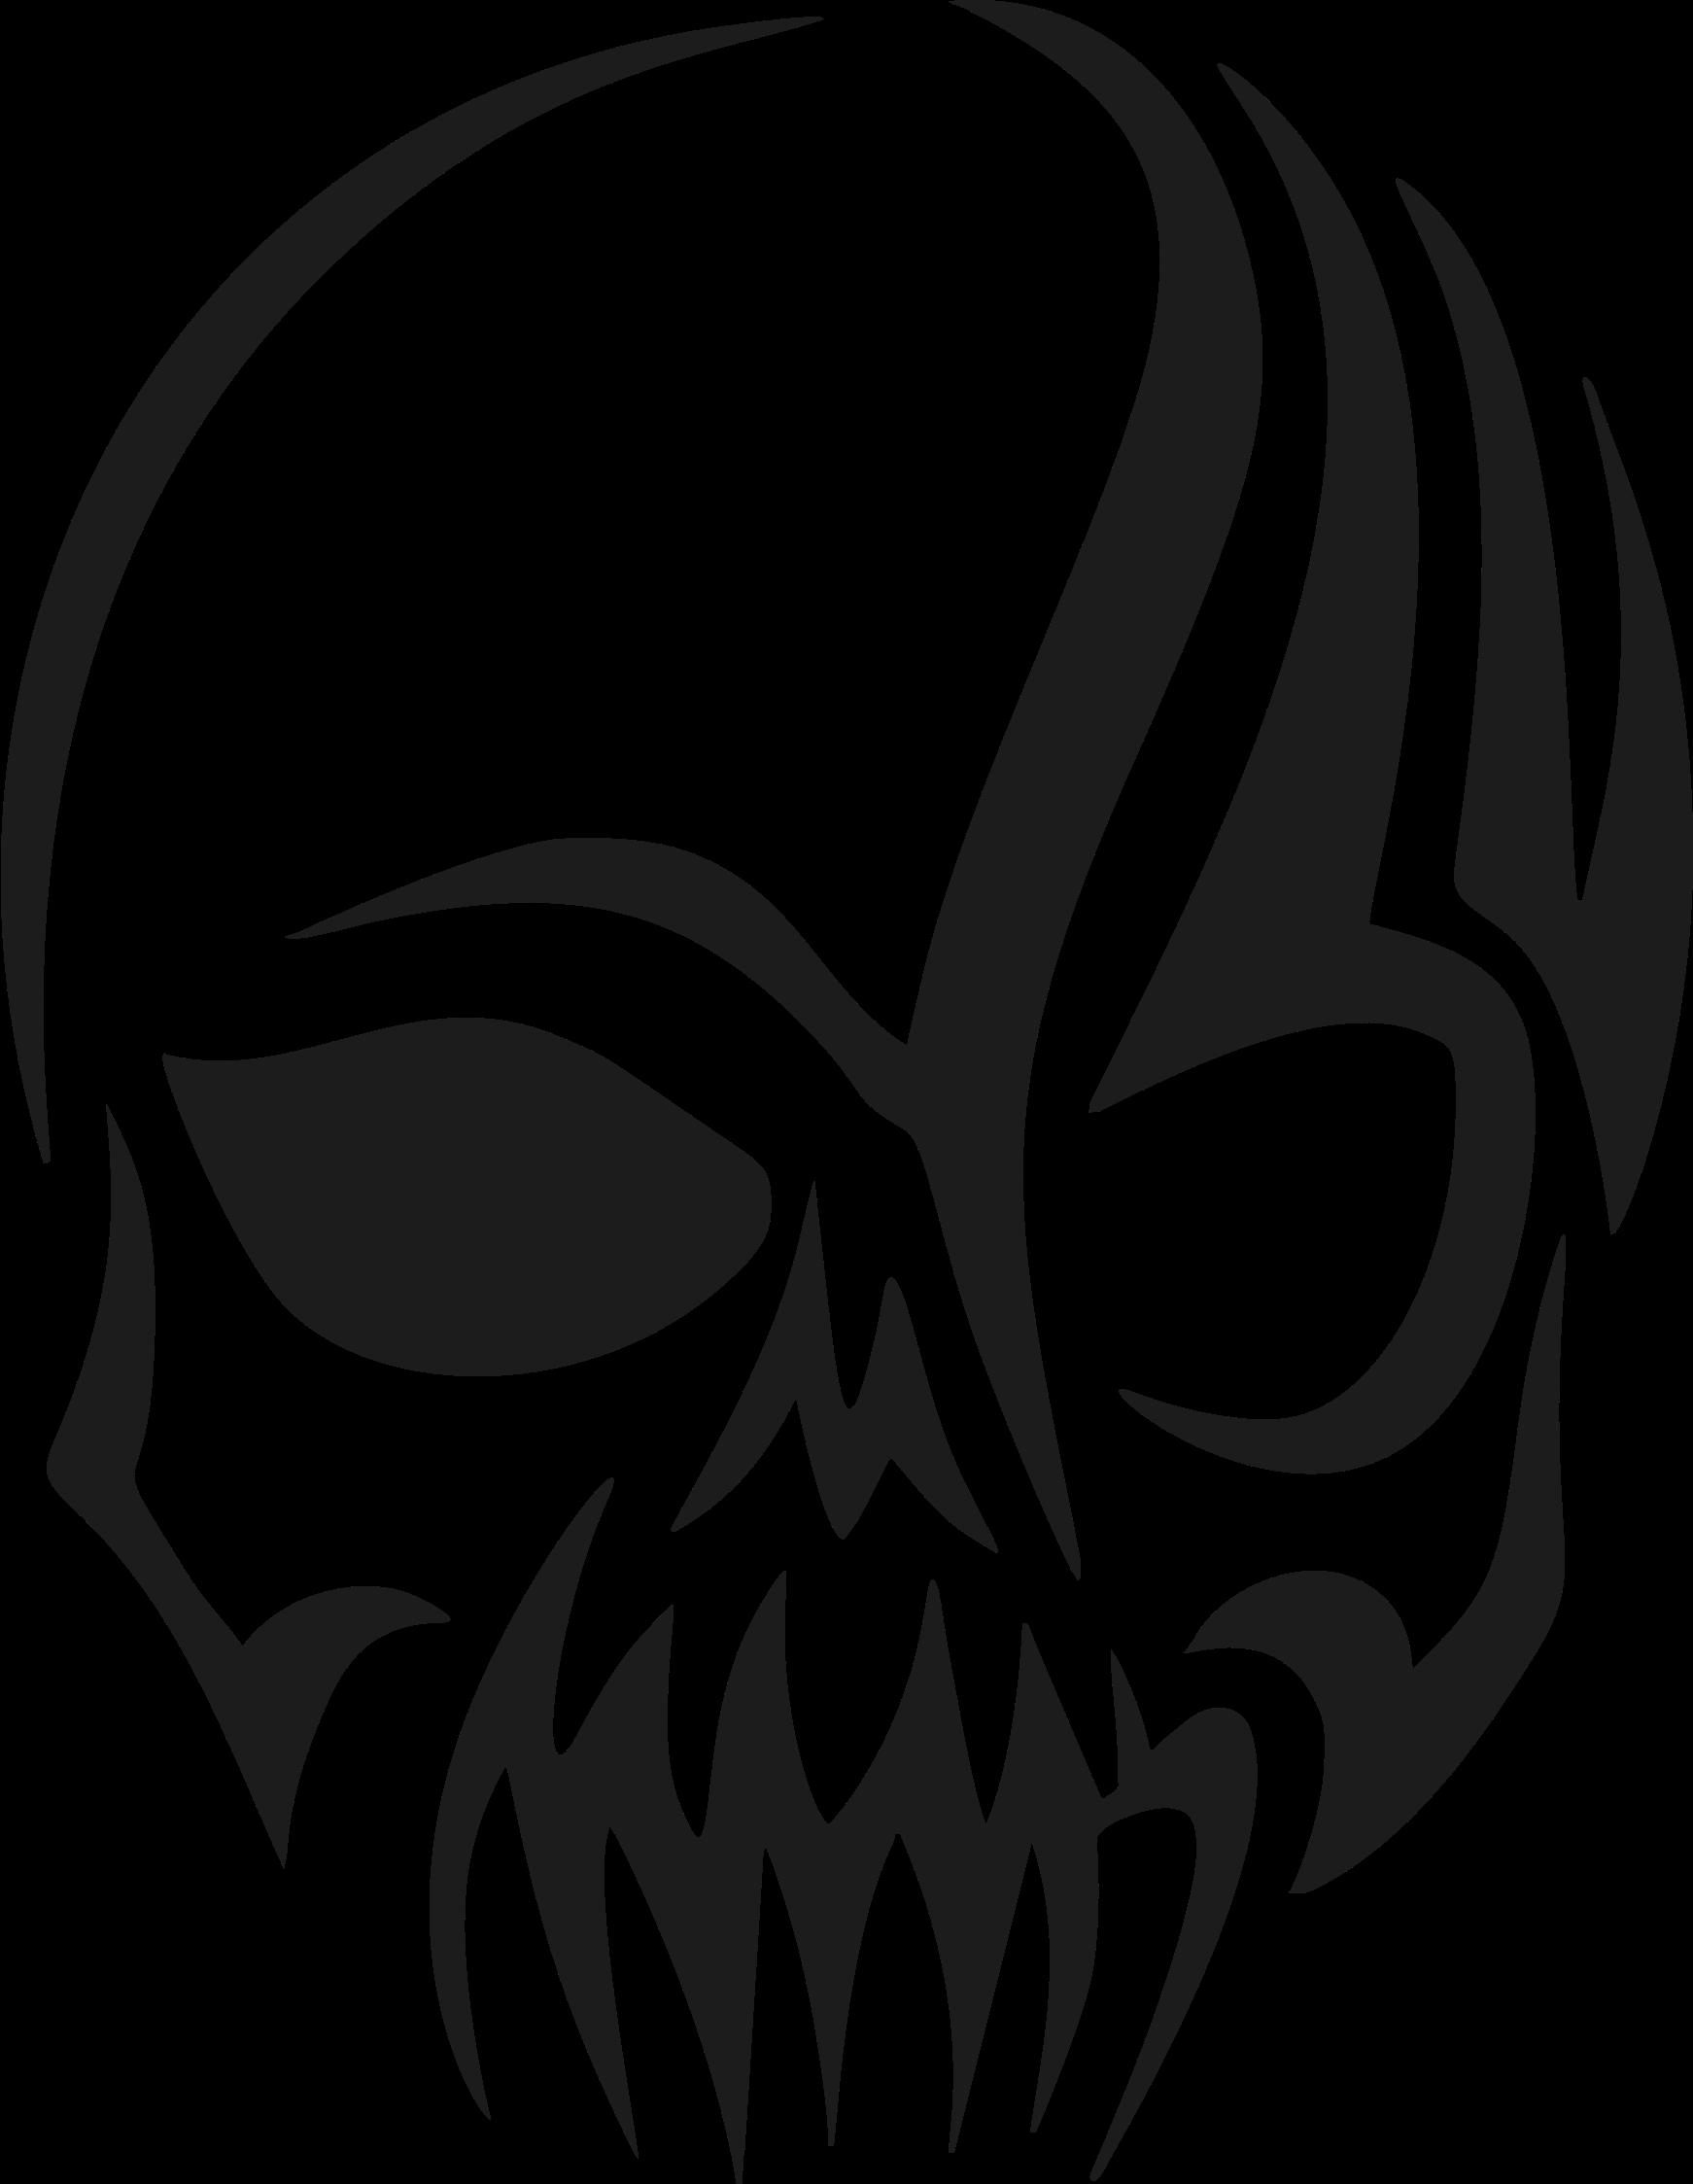 clipart tribal skull silhouette